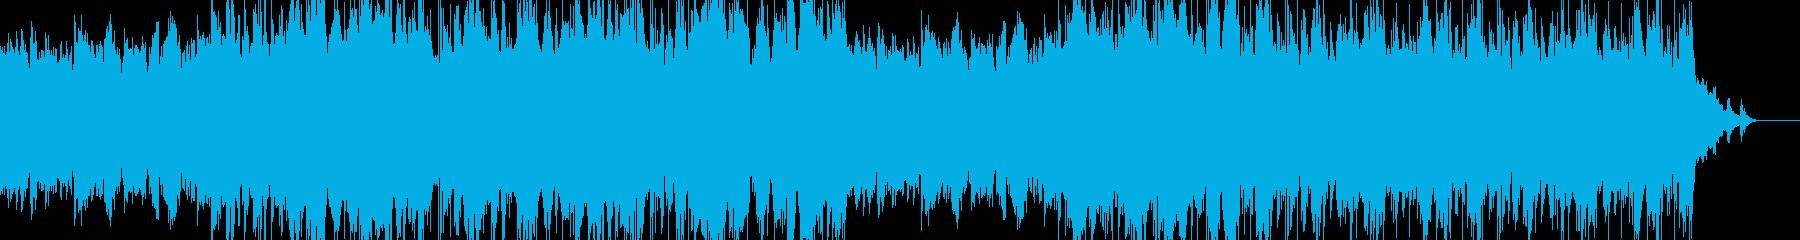 アンビエントビートとピアノの楽曲の再生済みの波形